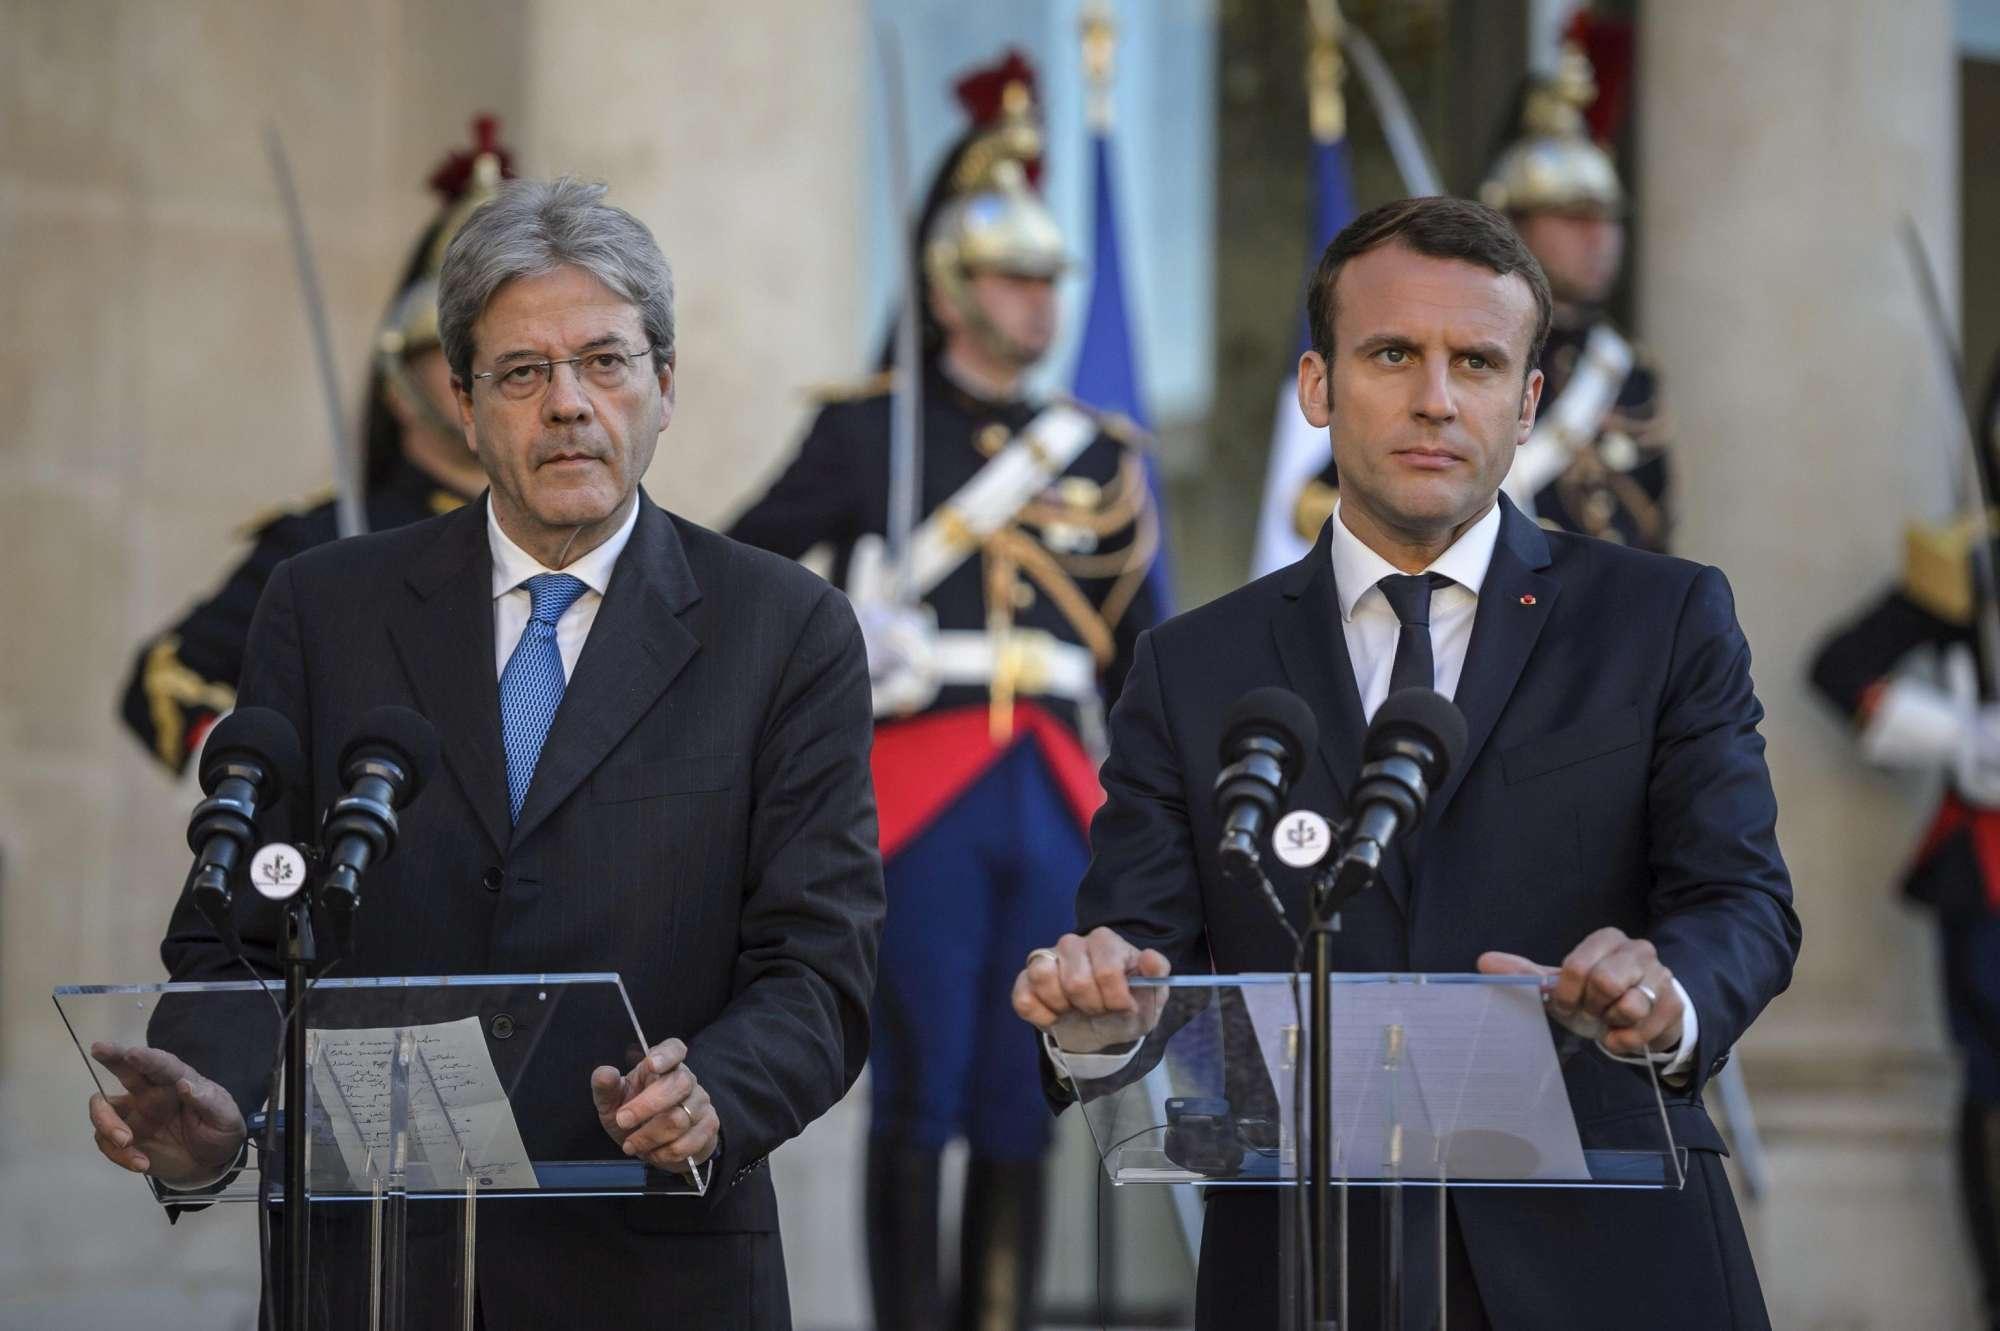 Risultati immagini per Macron e Gentiloni immagini